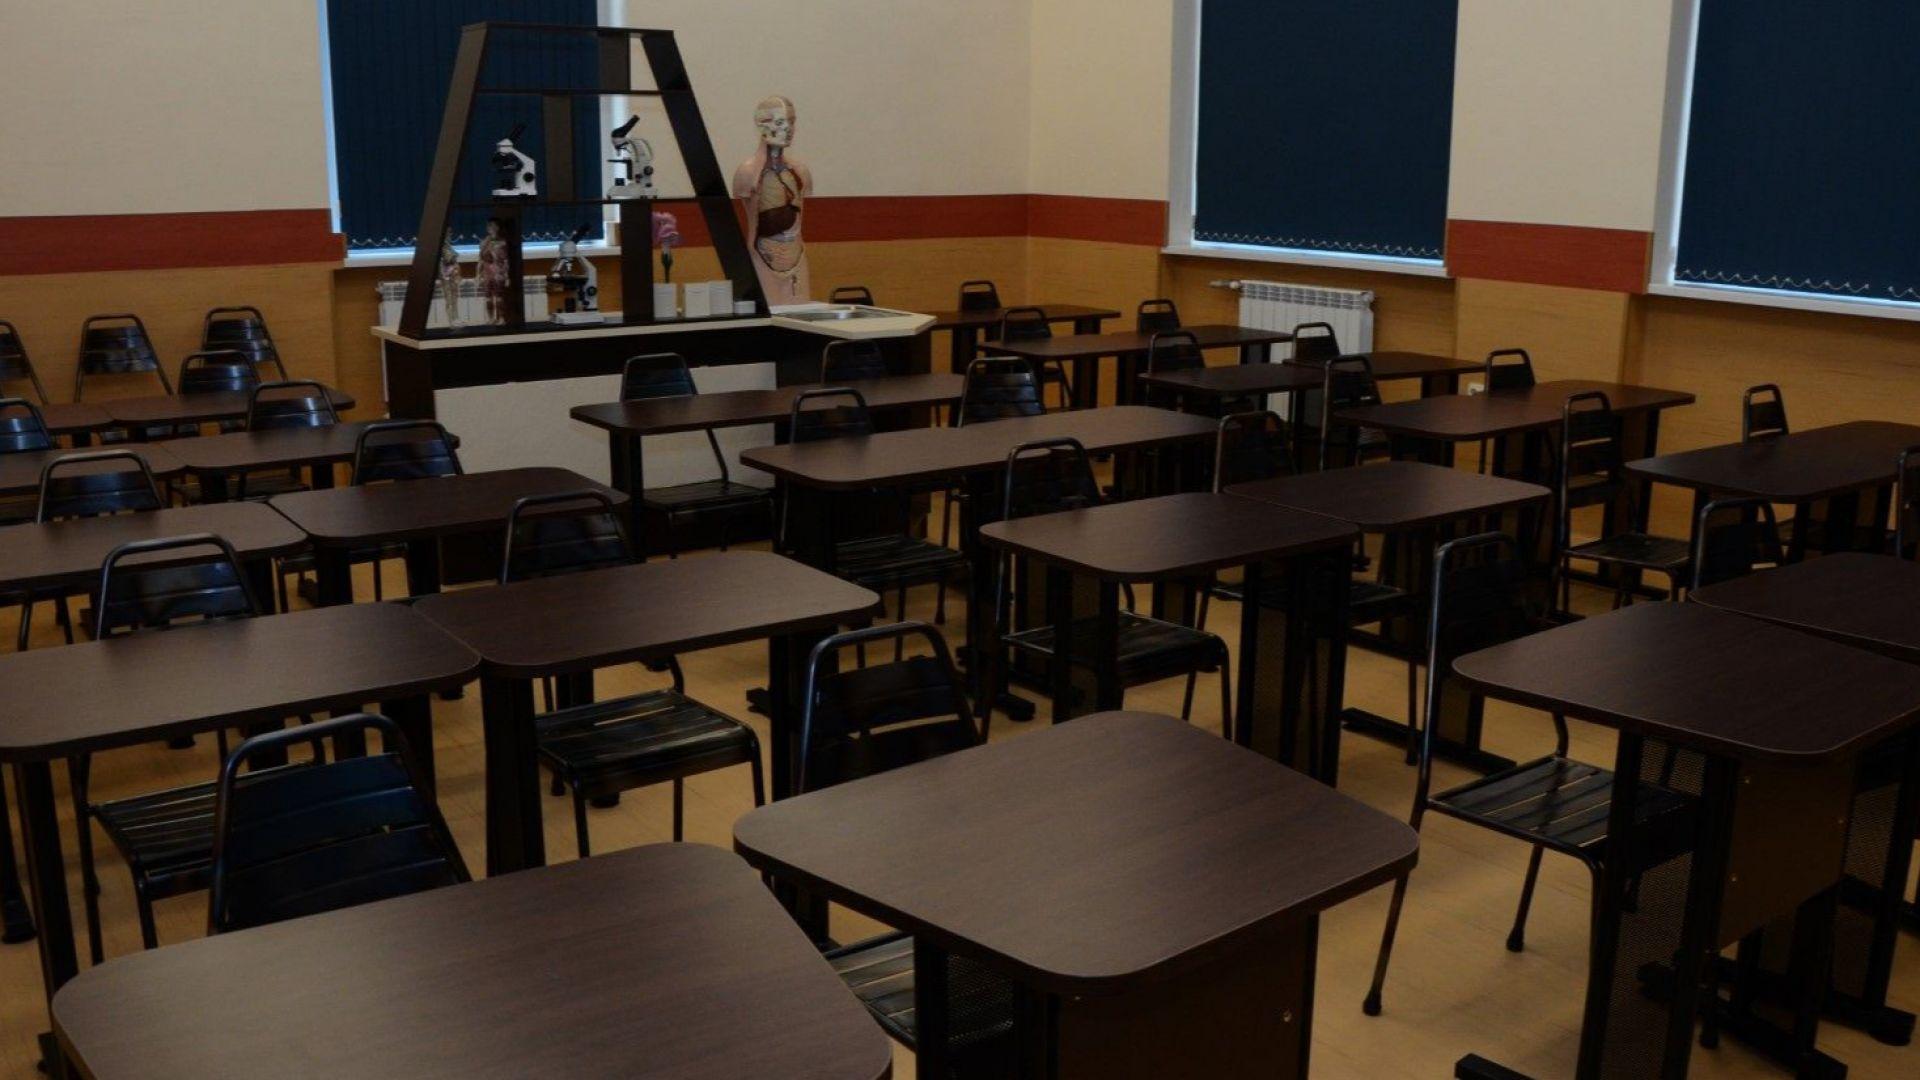 Центърът по природни науки в училището  разполага с две зали